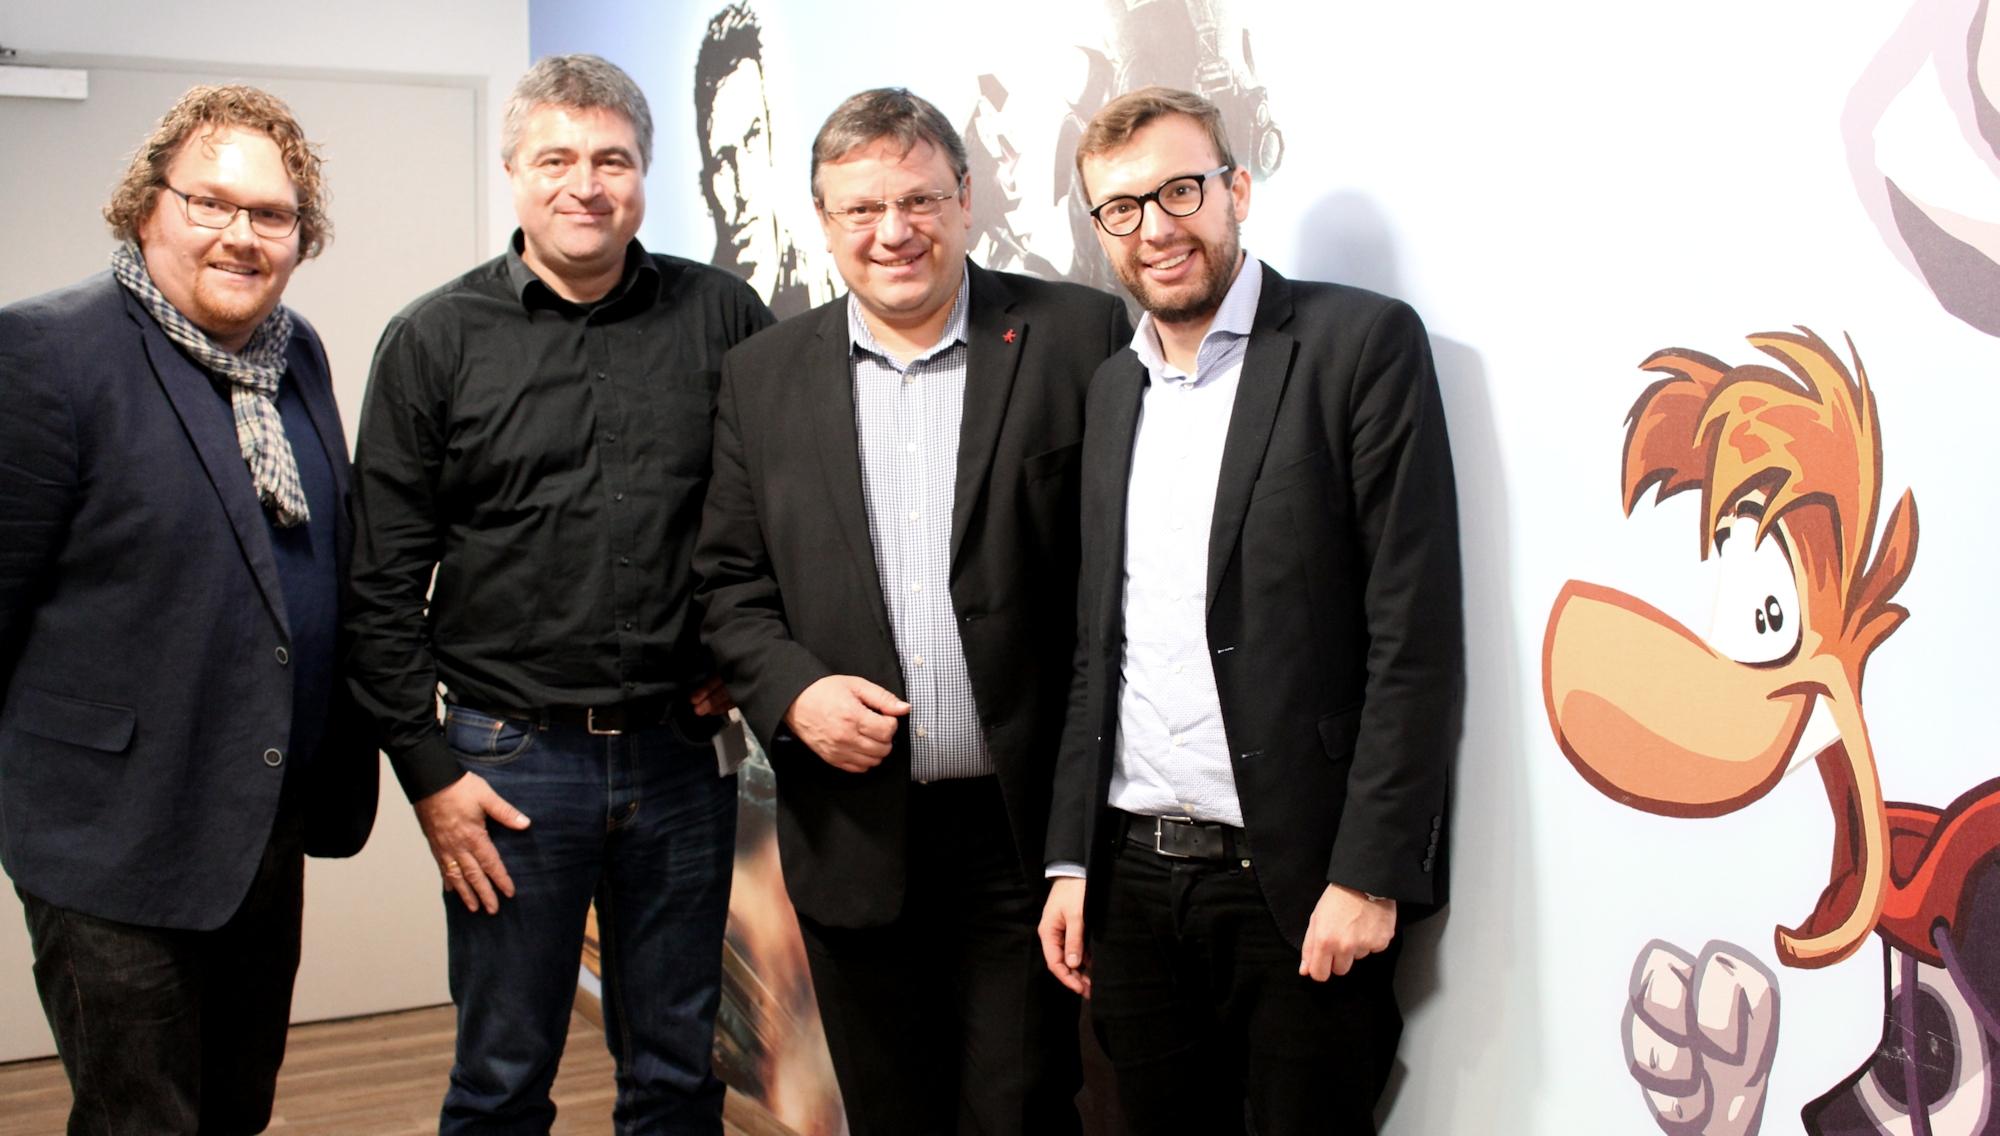 Kreativstandort Düsseldorf: Andreas Rimkus zu Besuch beim Games-Entwickler Blue Byte